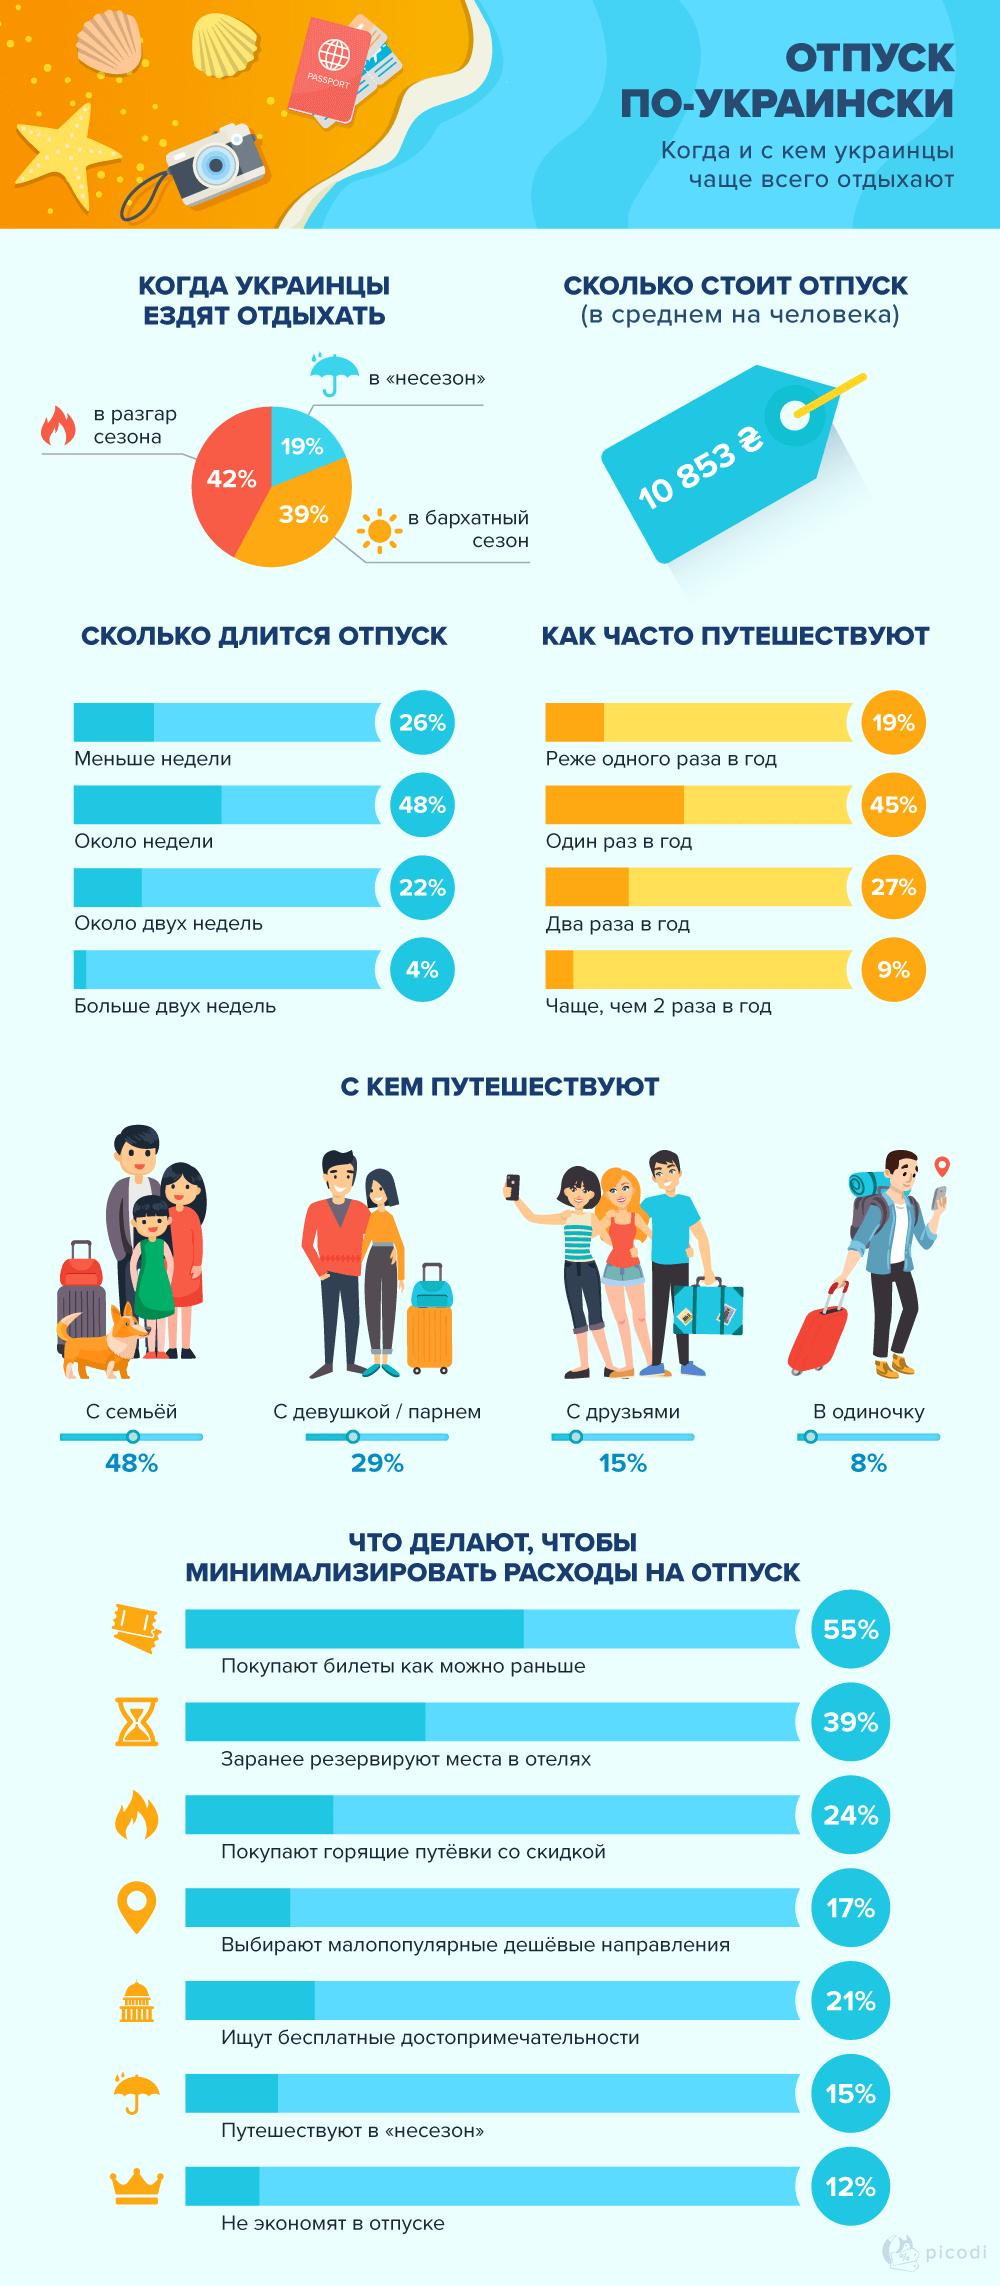 Когда и с кем украинцы чаще всего отдыхают